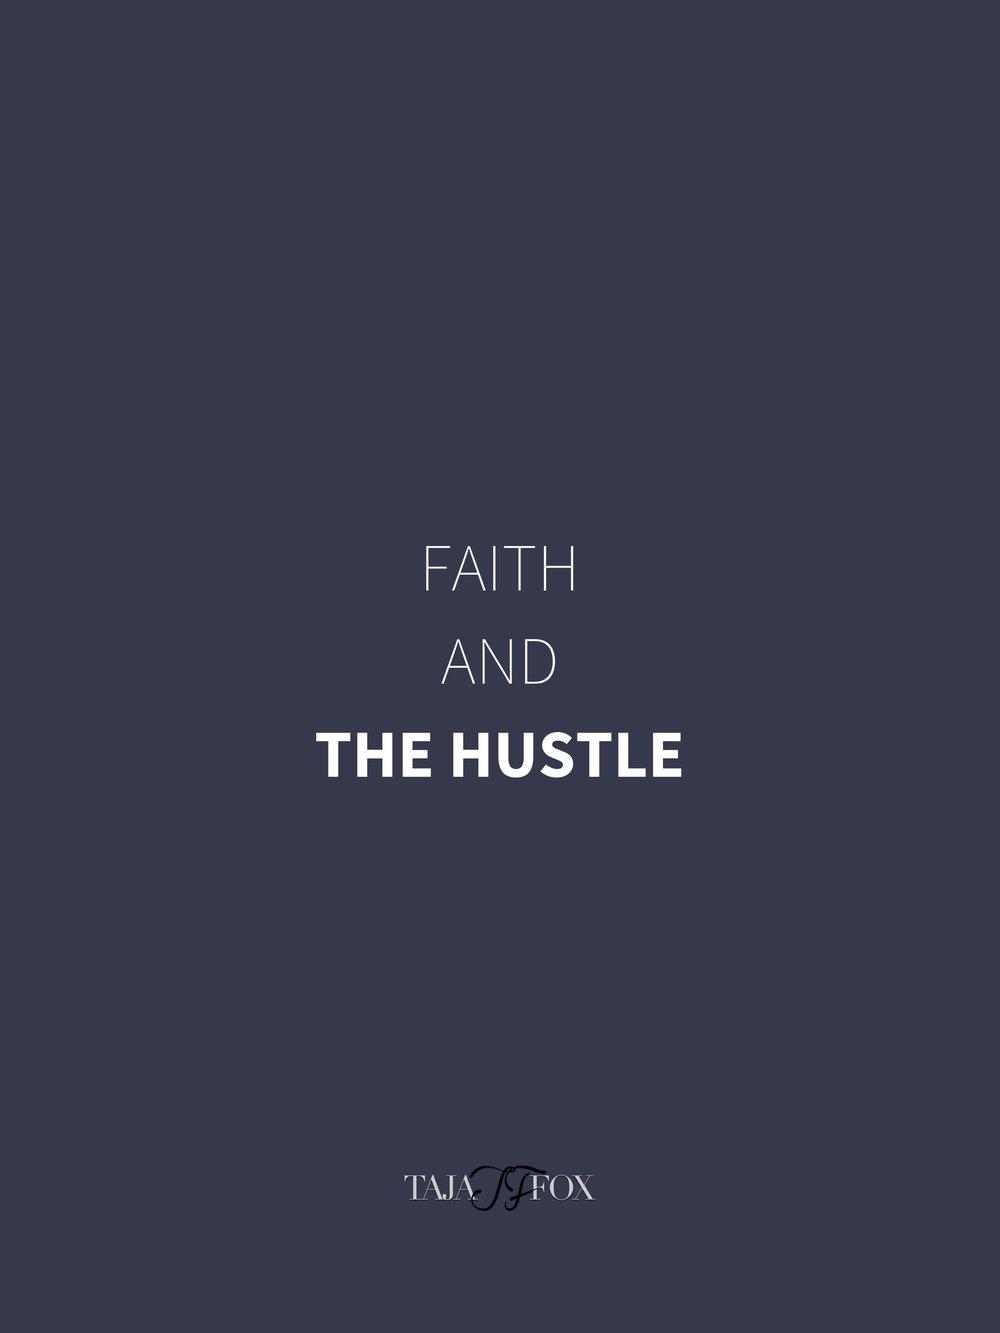 Faith and The Hustle tajafox.com.jpg